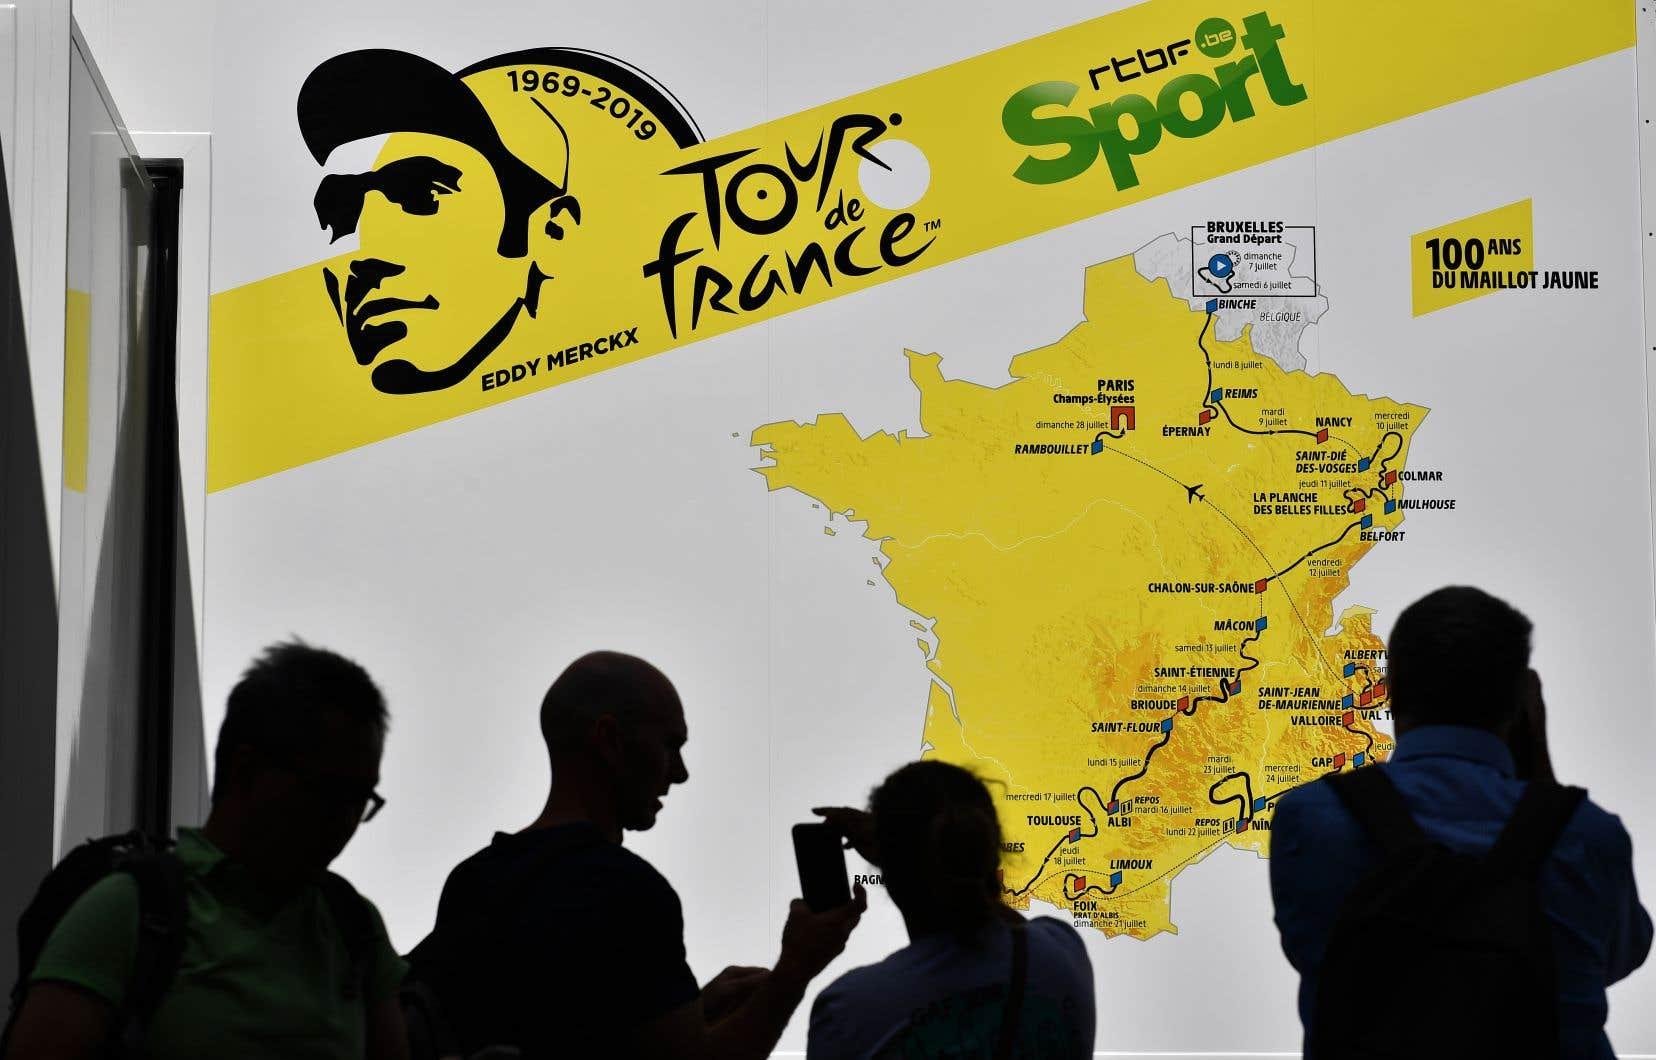 Dans les rues de Bruxelles, d'où part le Tour 2019 cinquante ans après la première victoire d'Eddy Merckx, le visage du quintuple vainqueur de la Grande Boucle est partout.